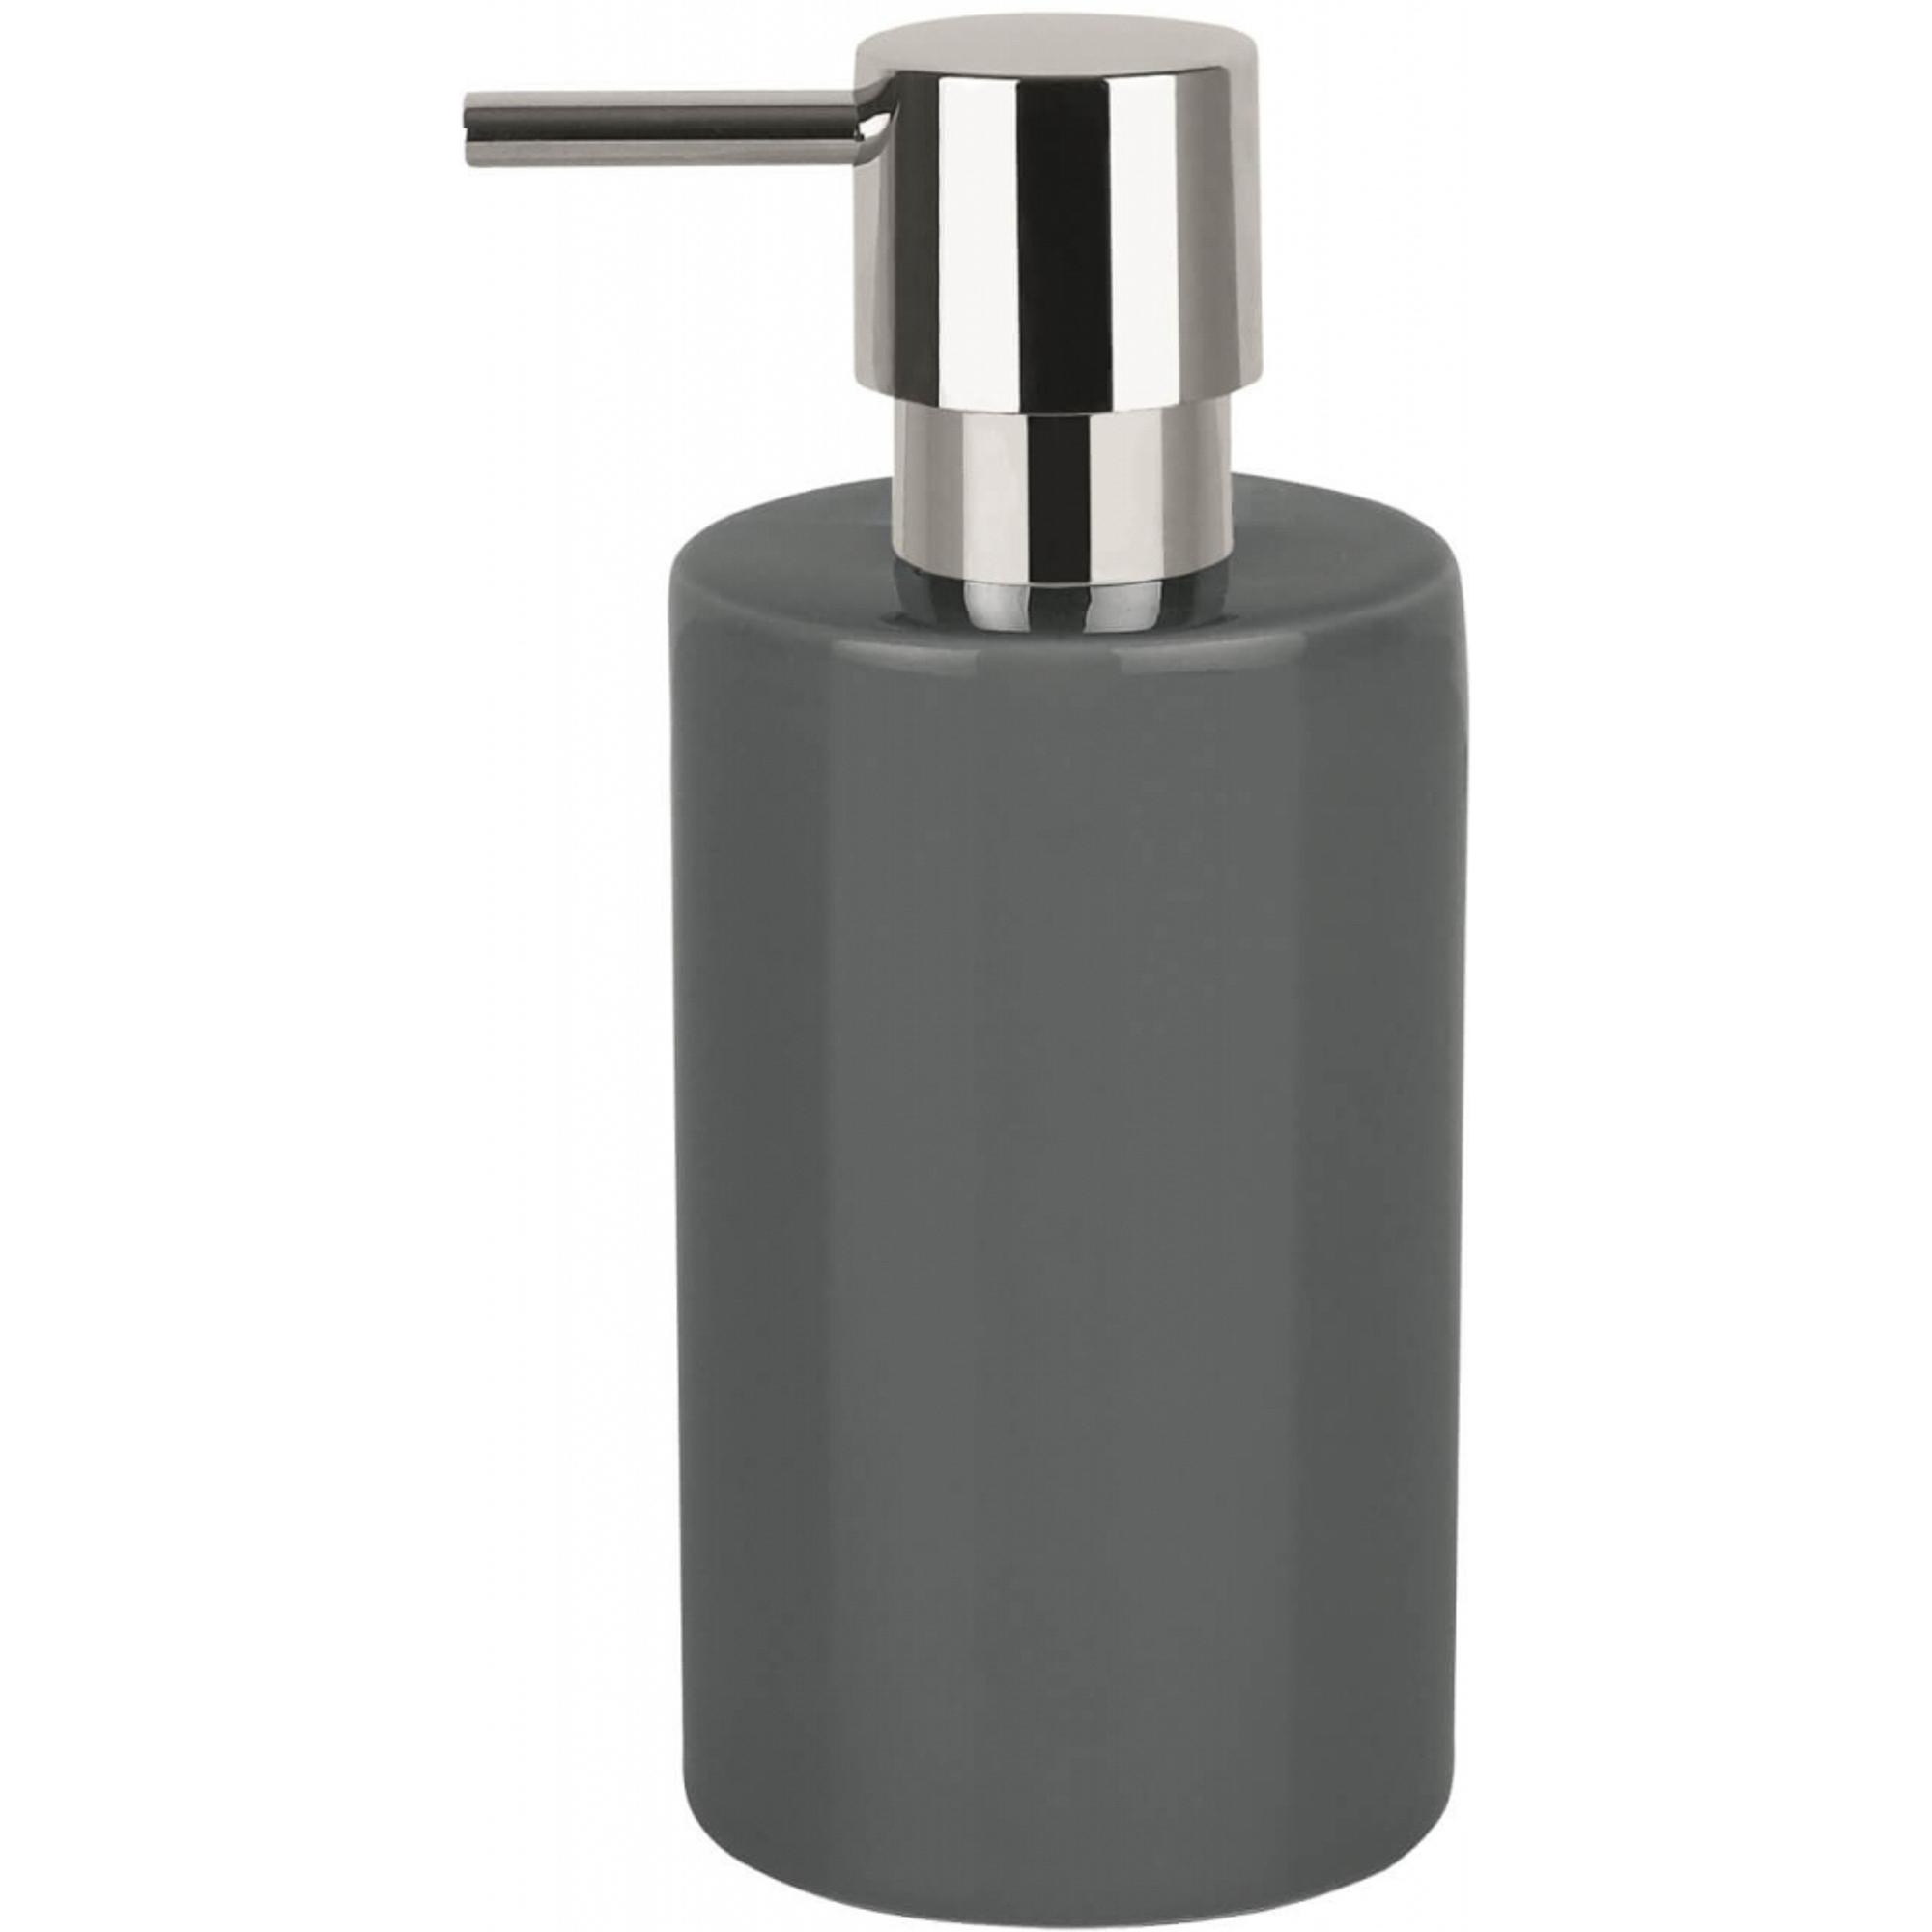 Фото - Дозатор для жидкого мыла Spirella Tube серый дозатор для жидкого мыла spirella sydney серый 7х18 5 см